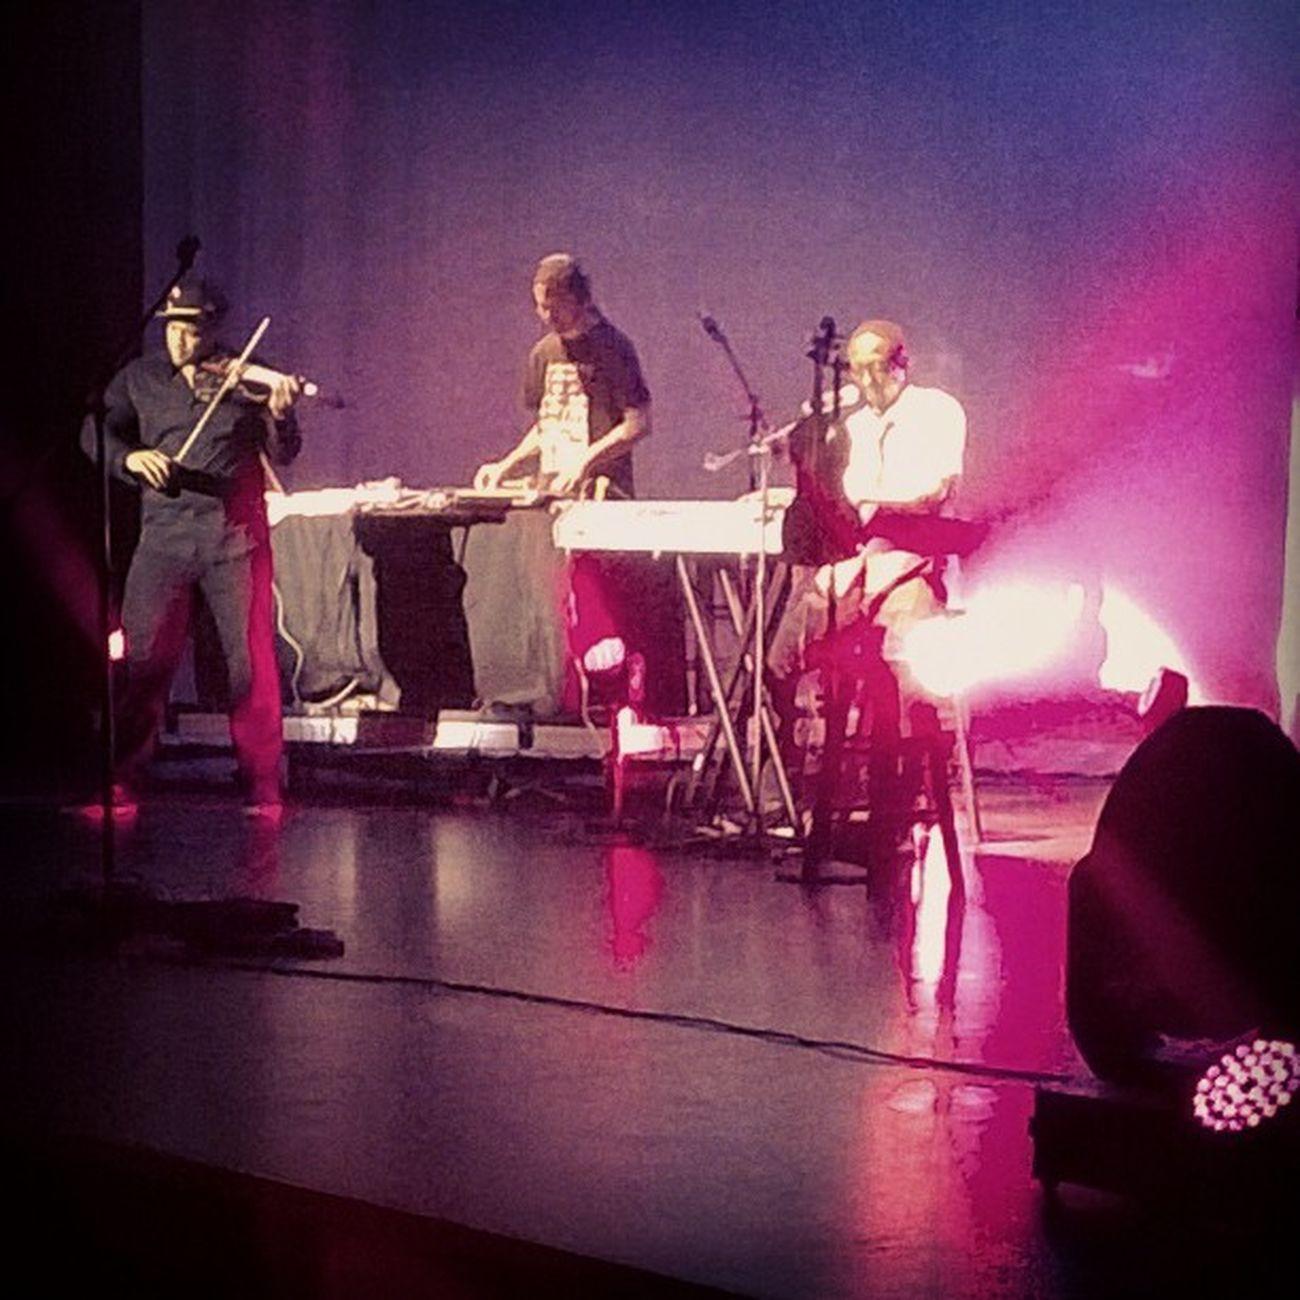 BlackViolin played up the strings tonight! Tamu